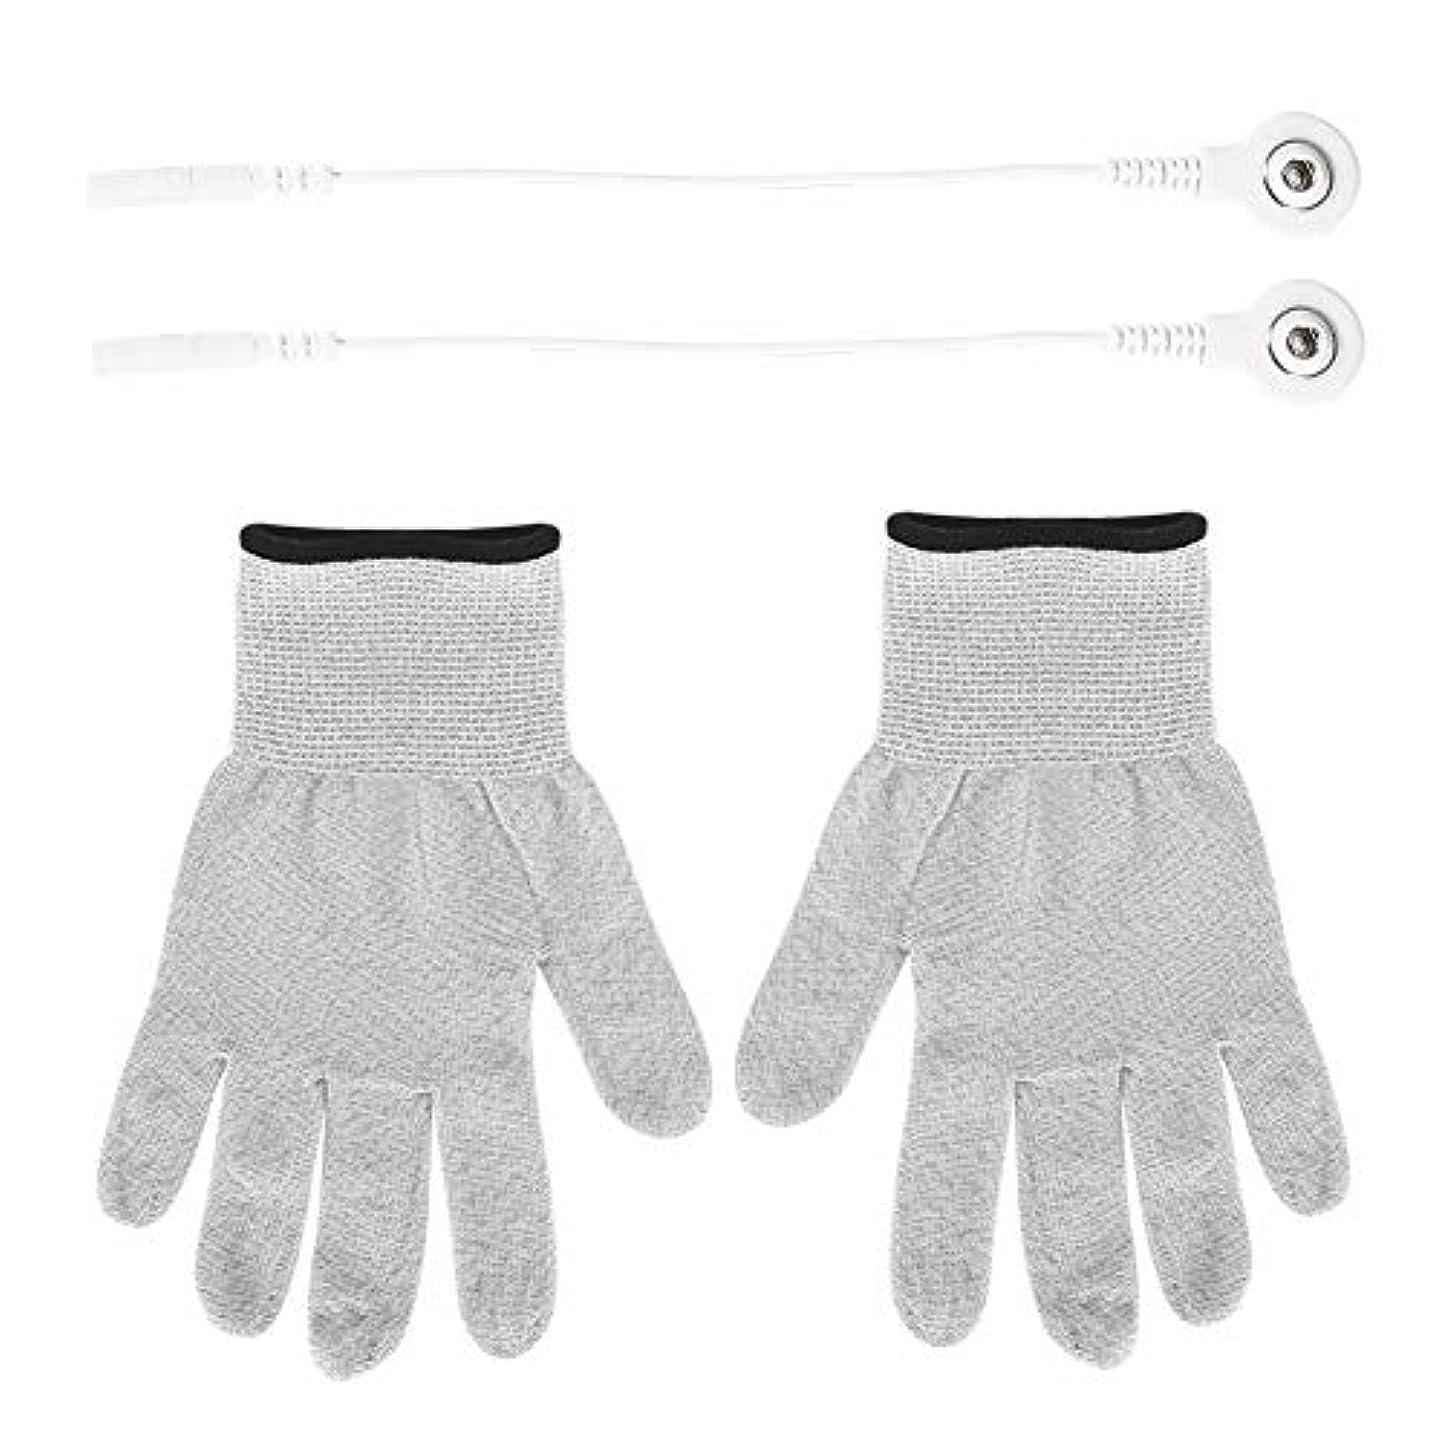 切るスキャンできない1組 電極 手袋繊維 電気衝撃療法 マッサージ 手袋電気衝撃繊維 脈拍療法 マッサージ 伝導性 手袋